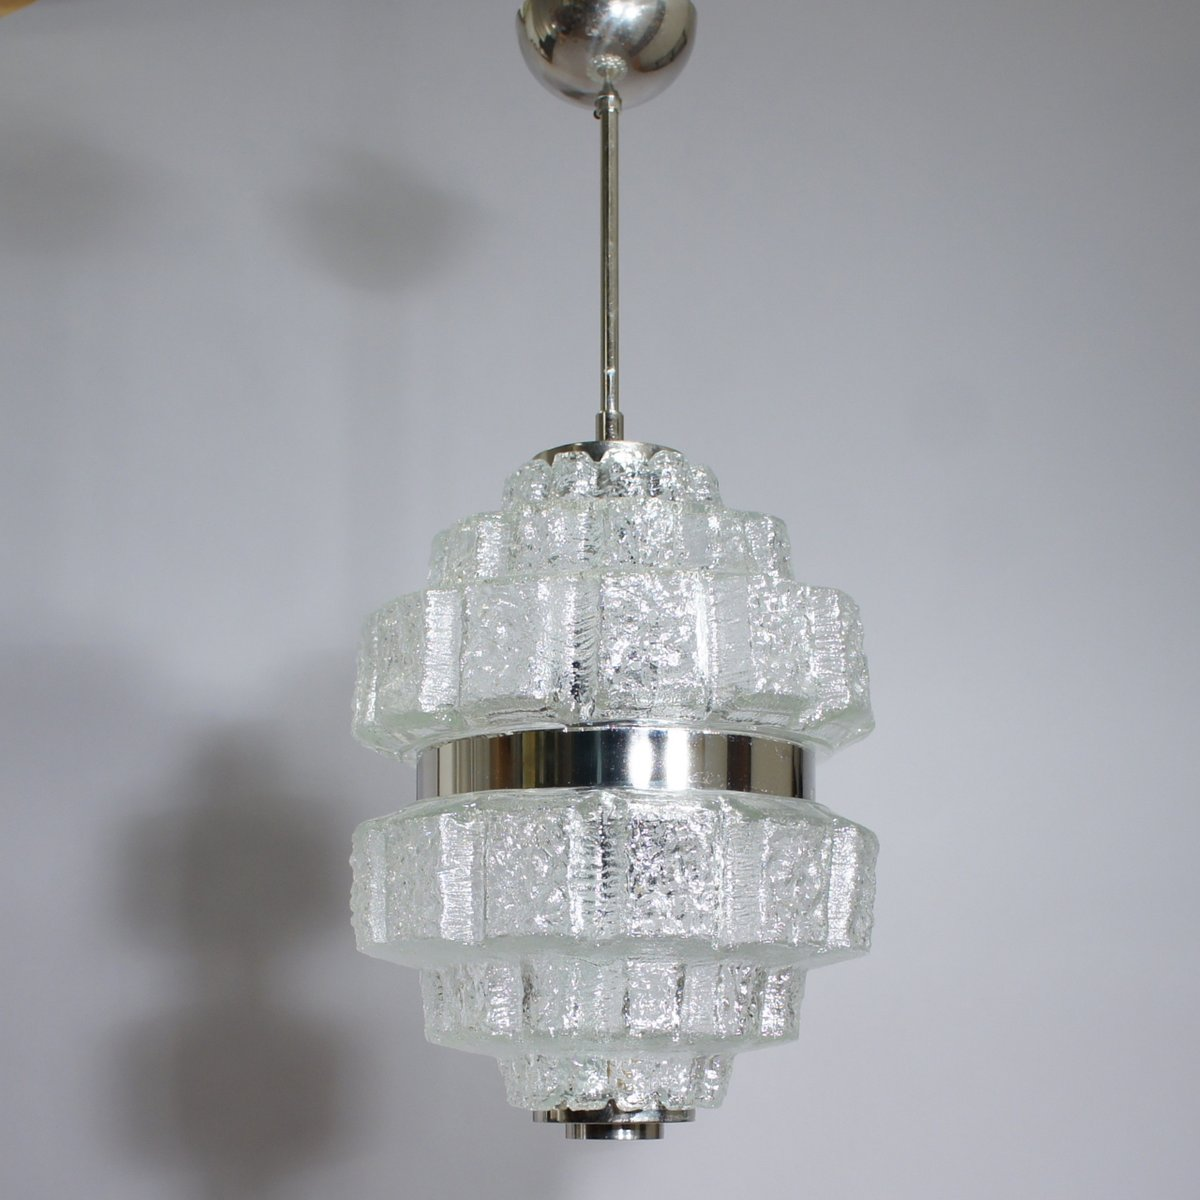 deckenlampe aus glas verchromten metall 1960er bei. Black Bedroom Furniture Sets. Home Design Ideas